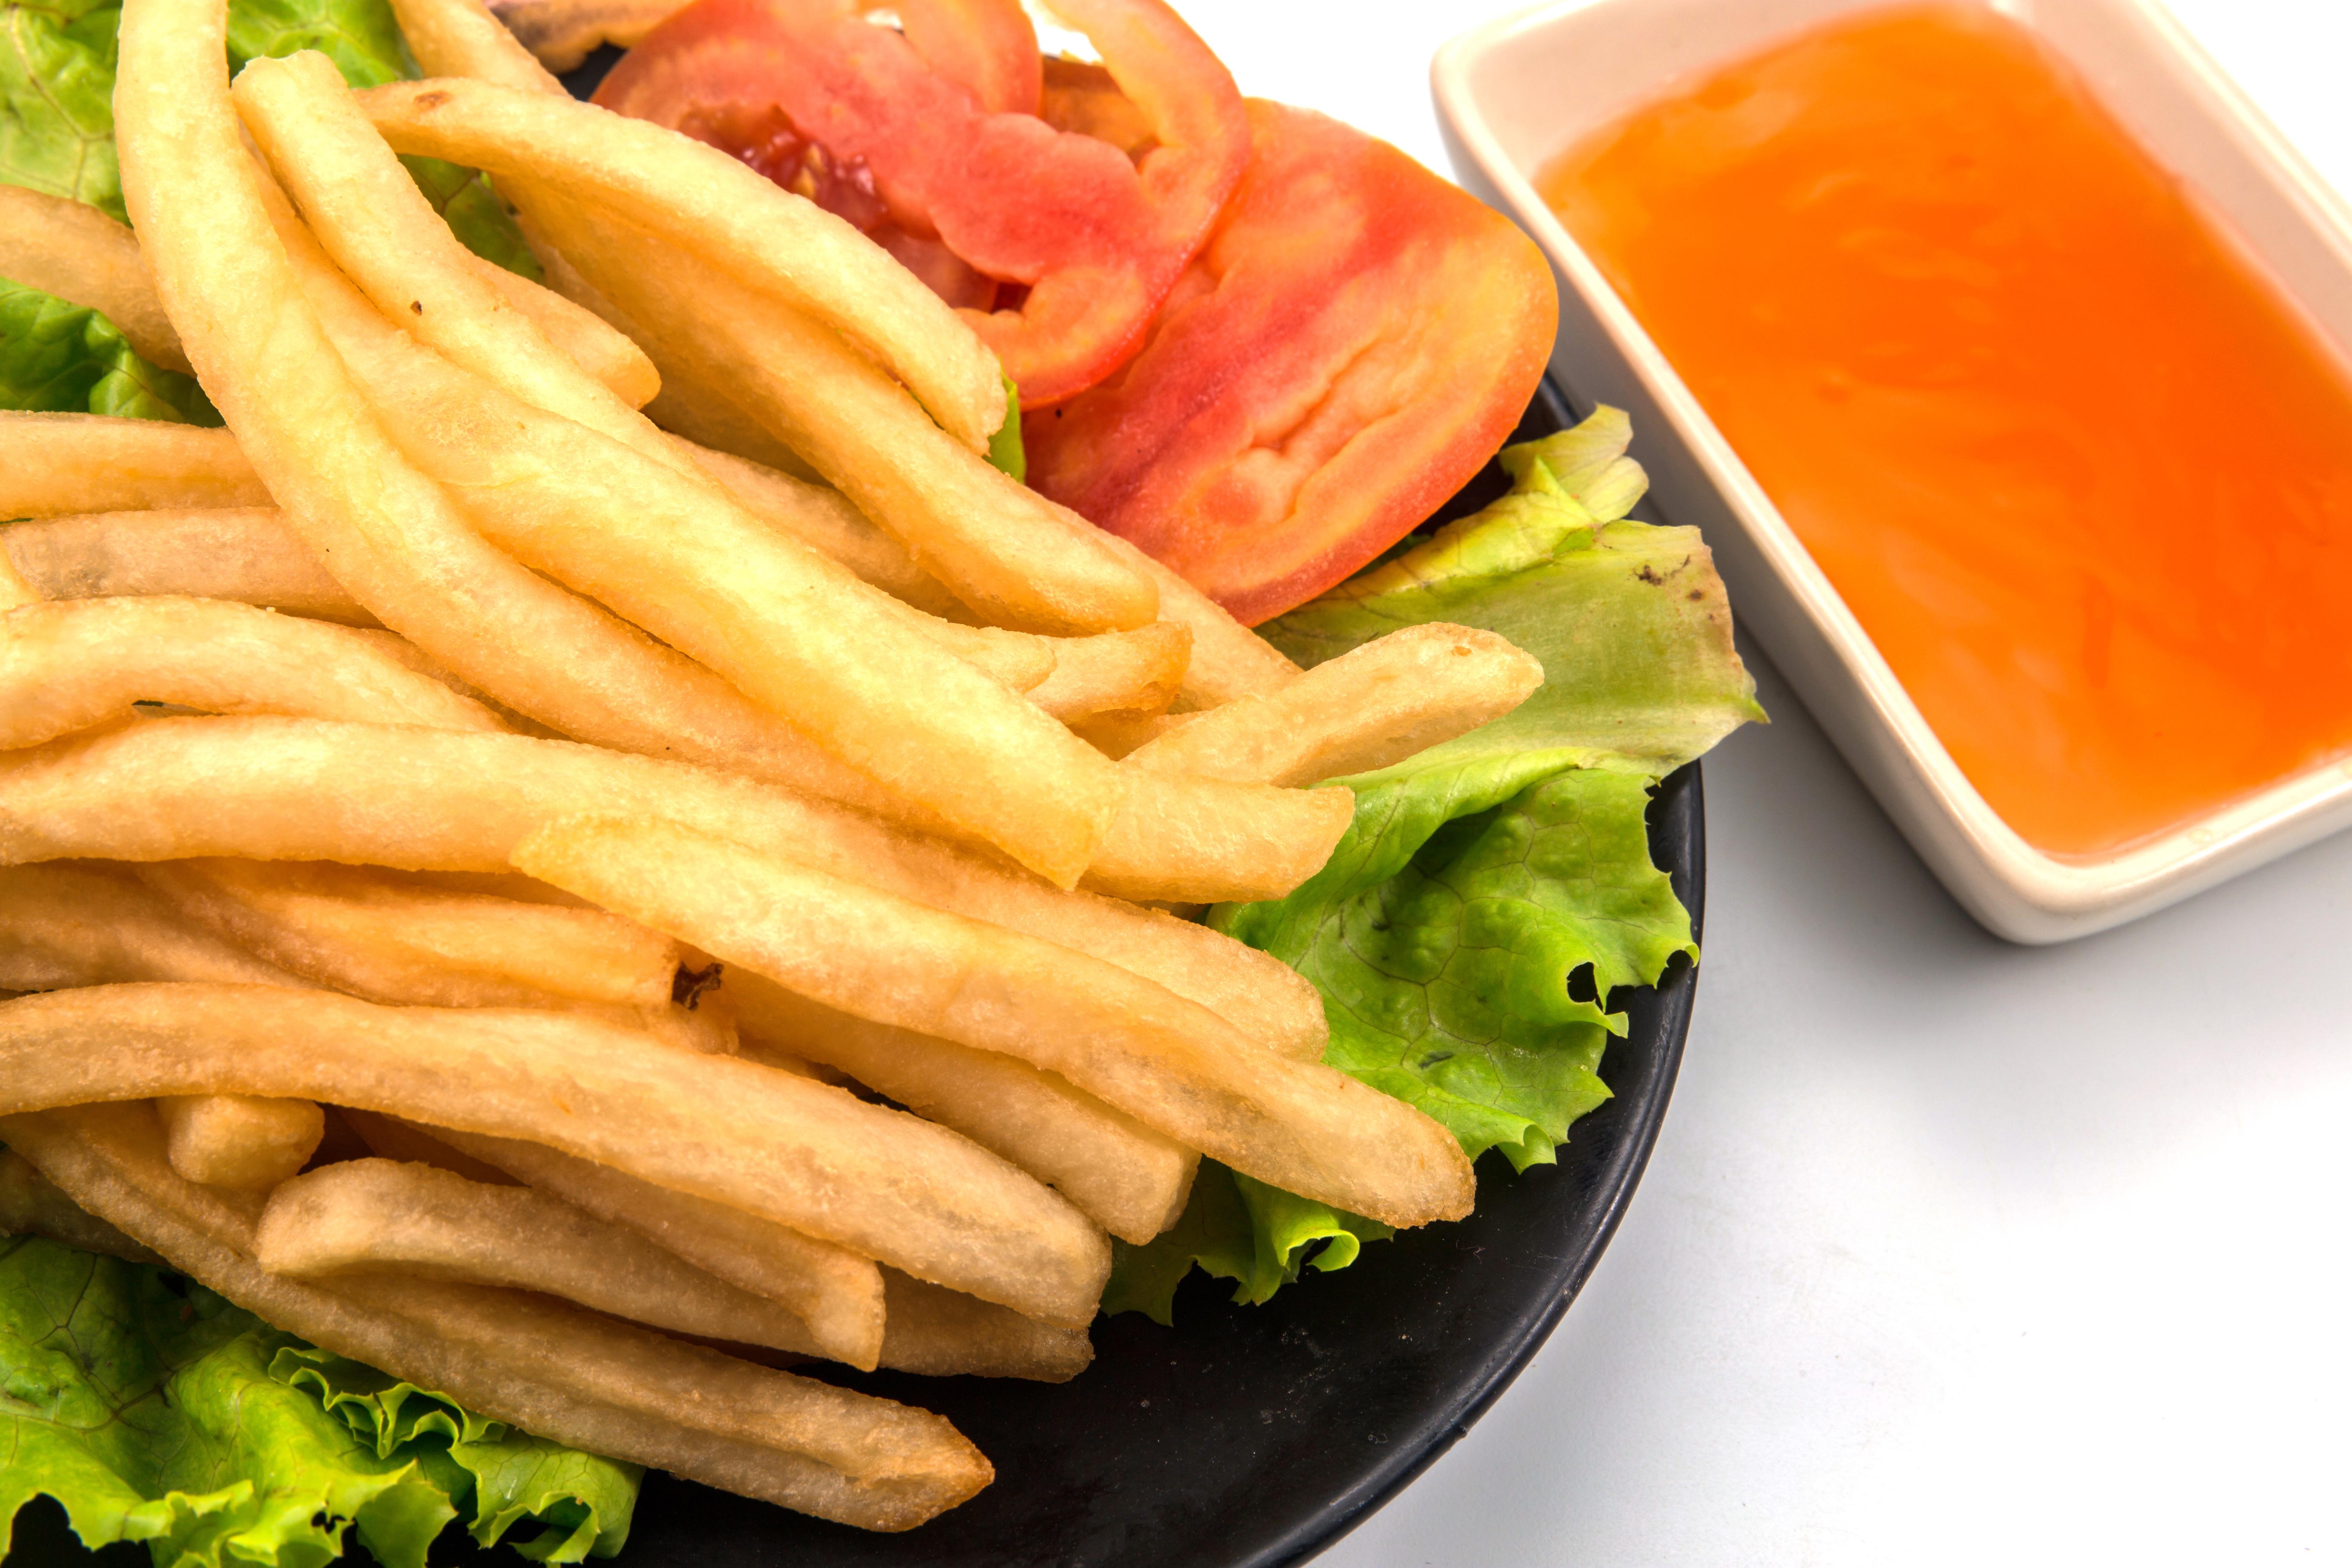 White Potato French Fries